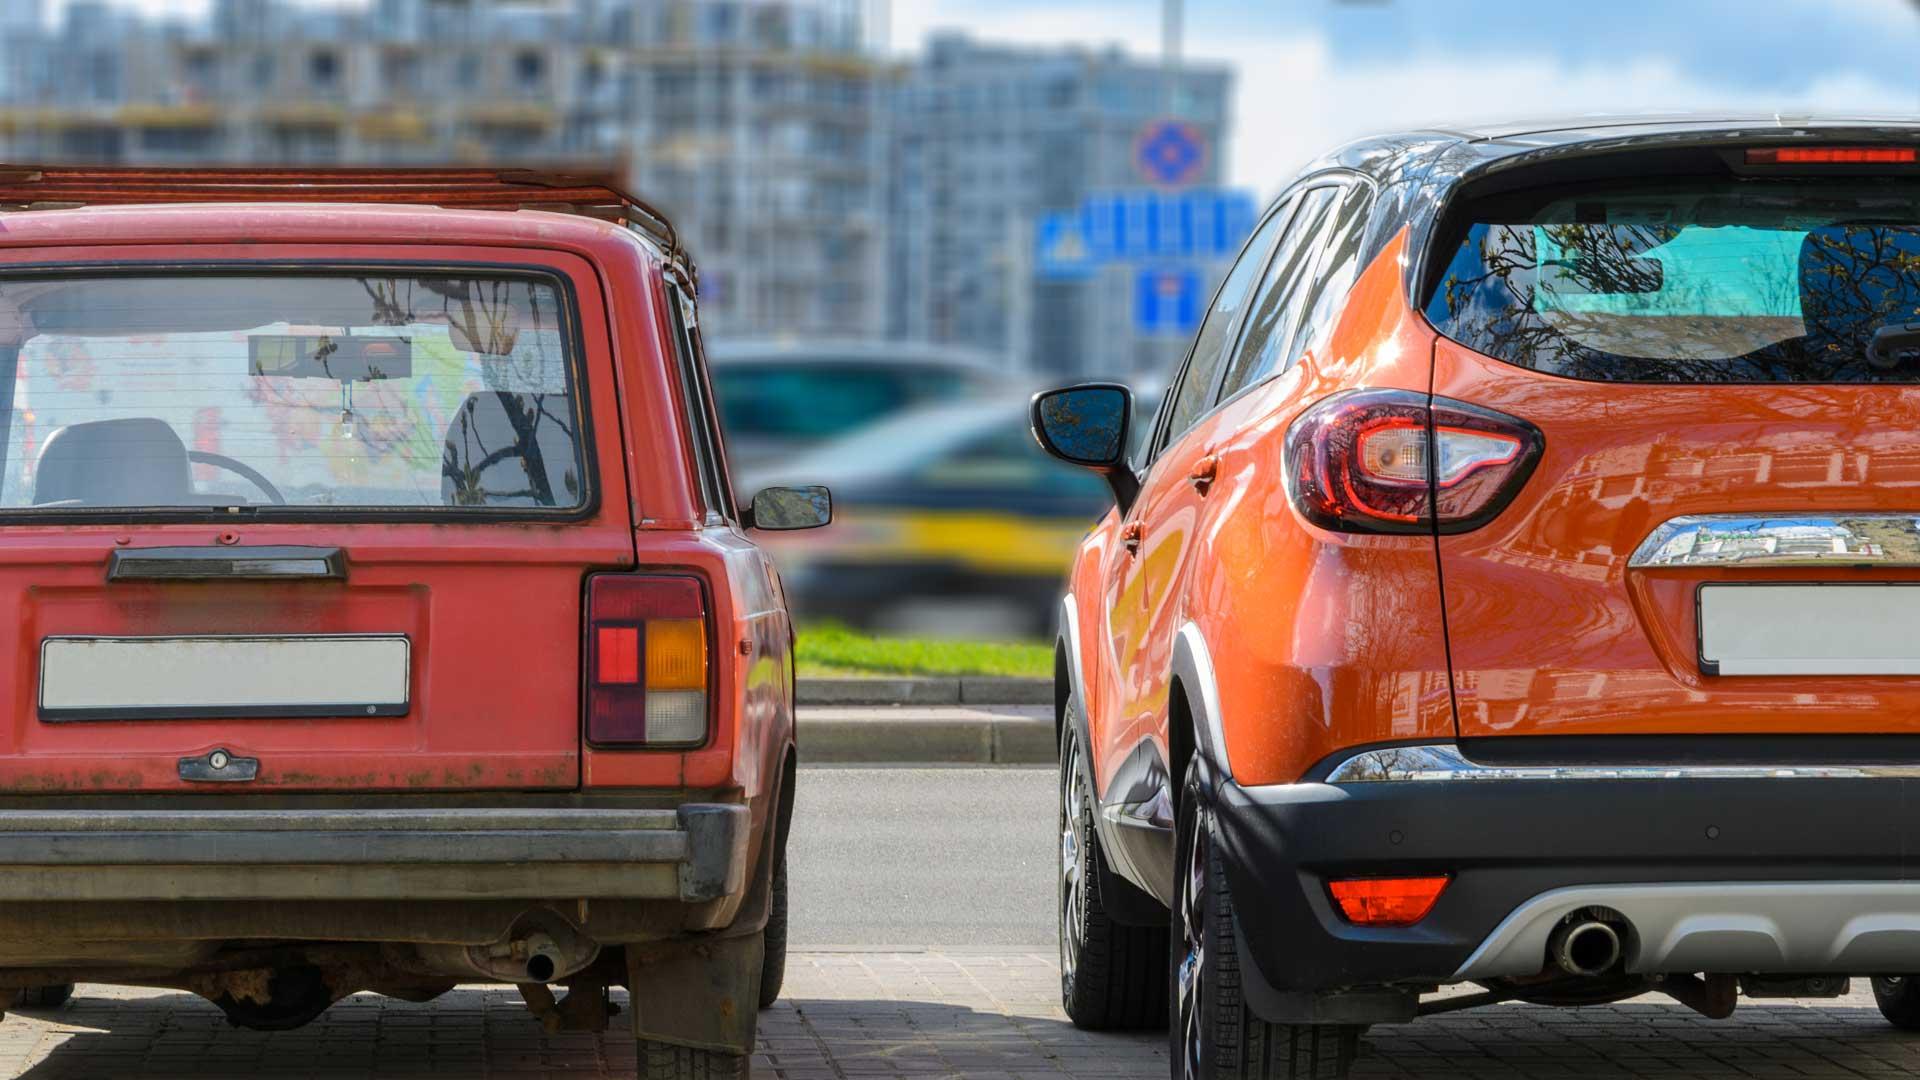 Cena vašeho auta klesá a nově s ním i cena pojištění